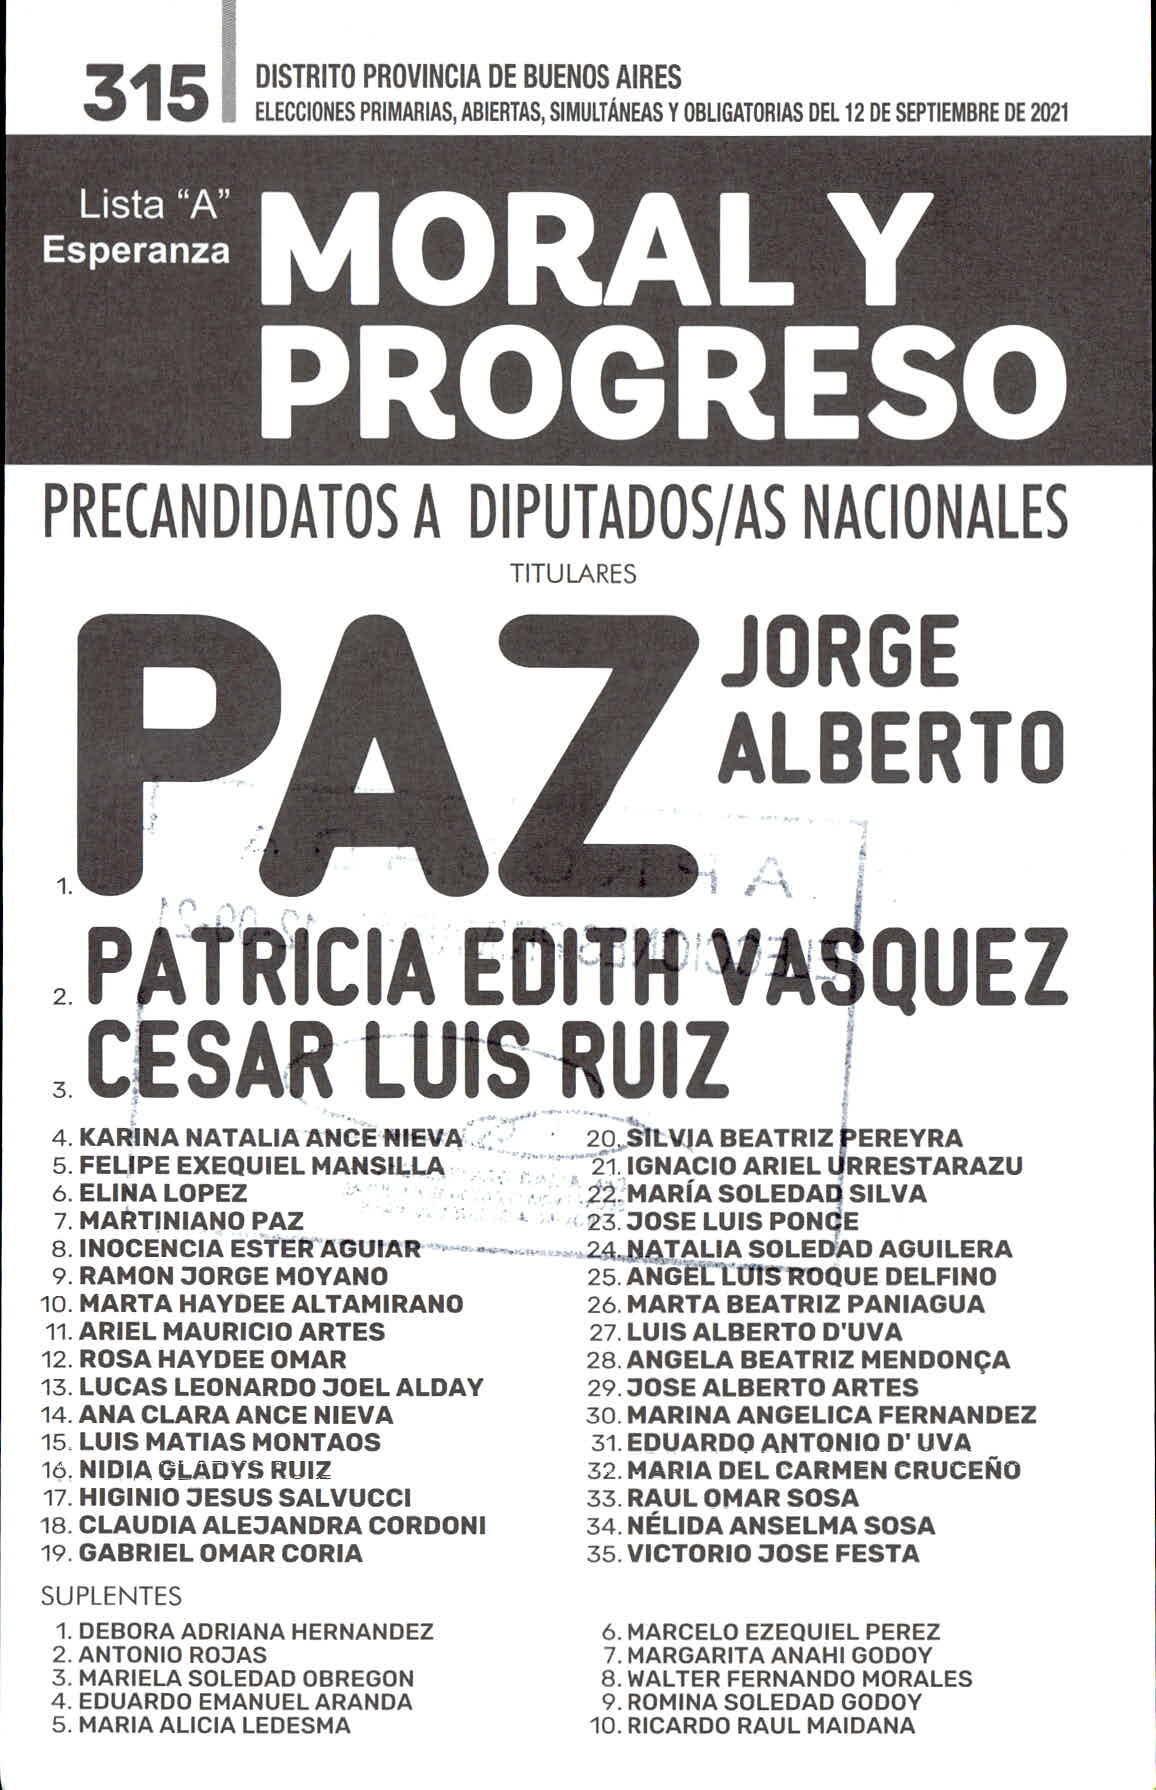 315_PARTIDO_MORAL_Y_PROGRESO.jpg